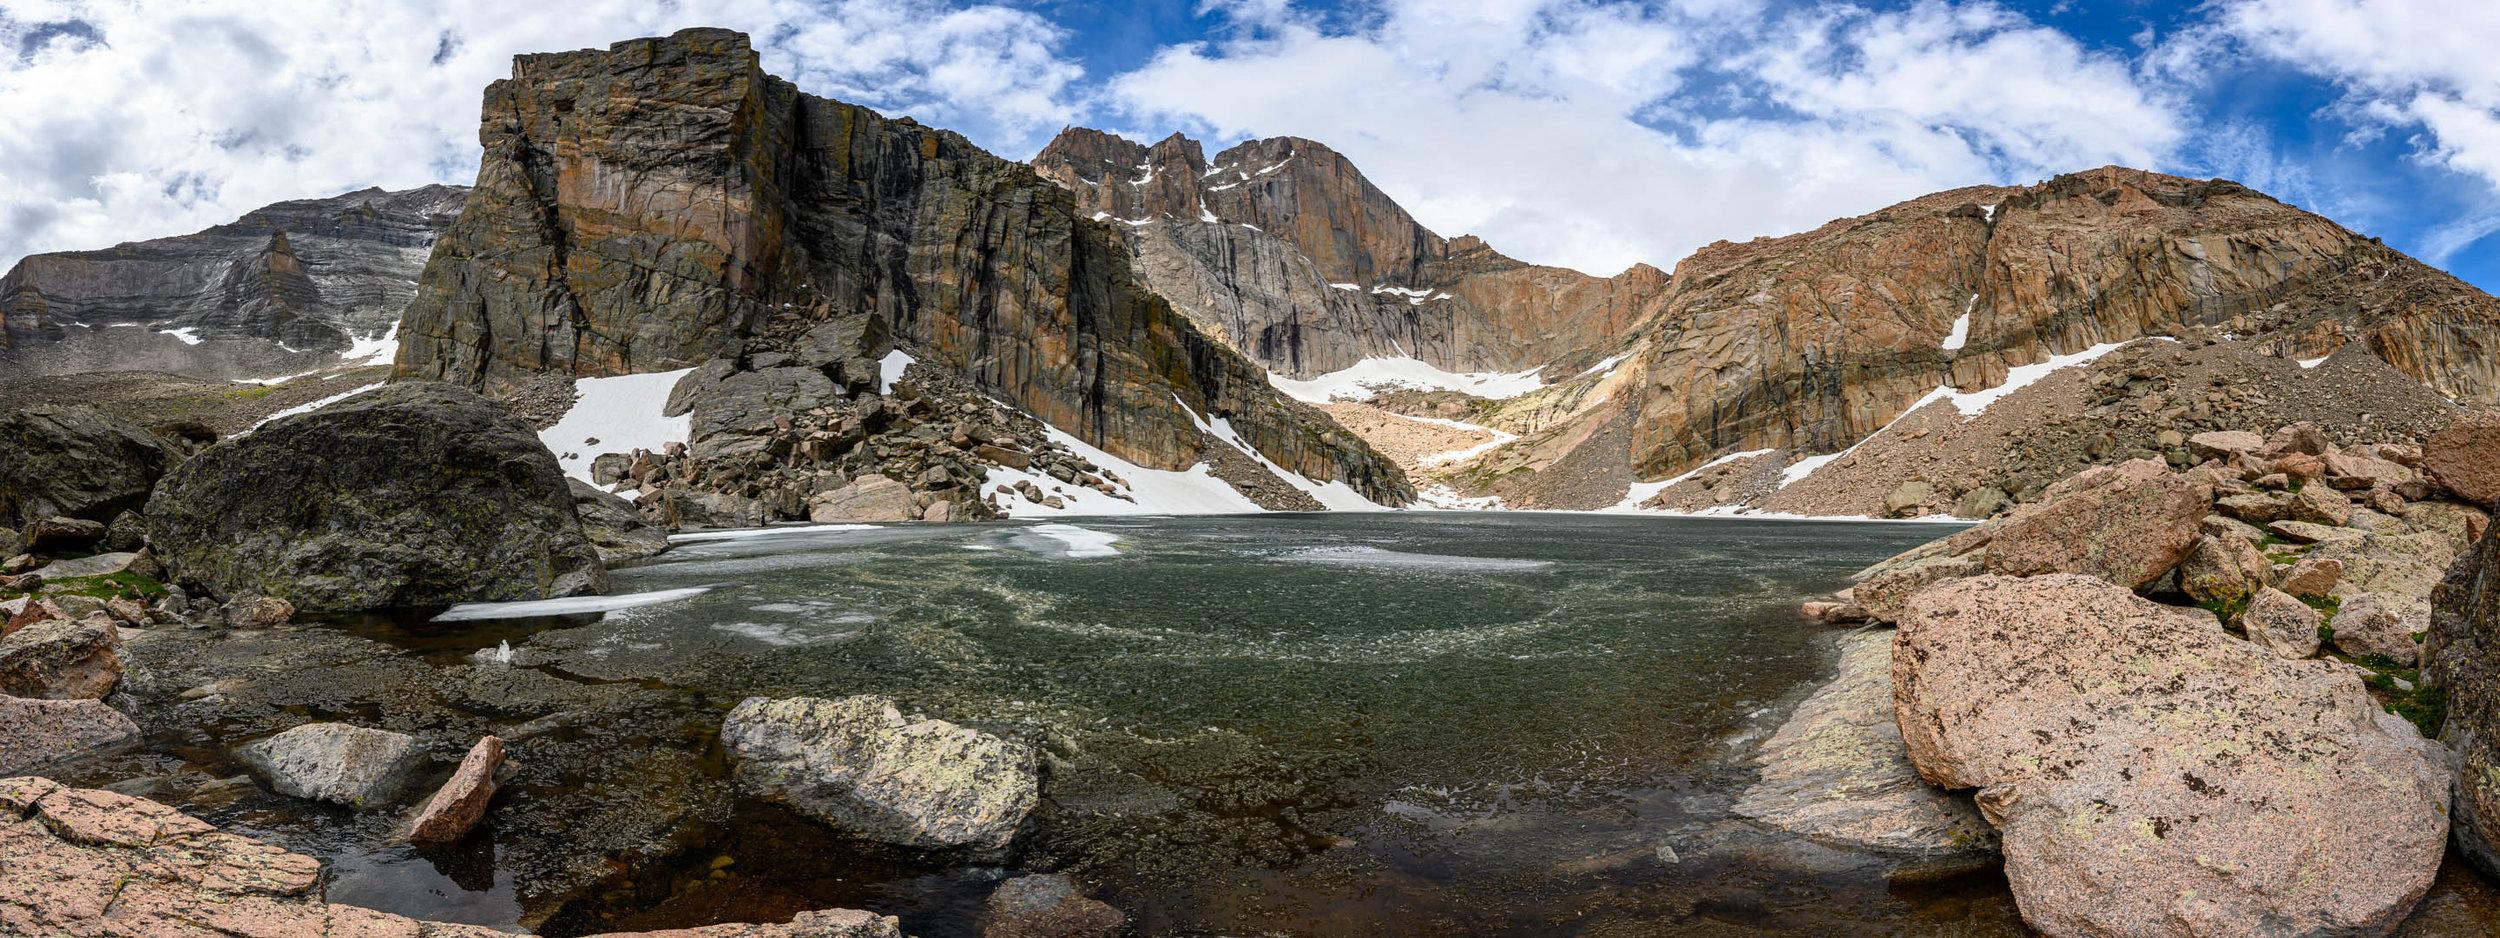 Chasm Lake Pano.jpeg